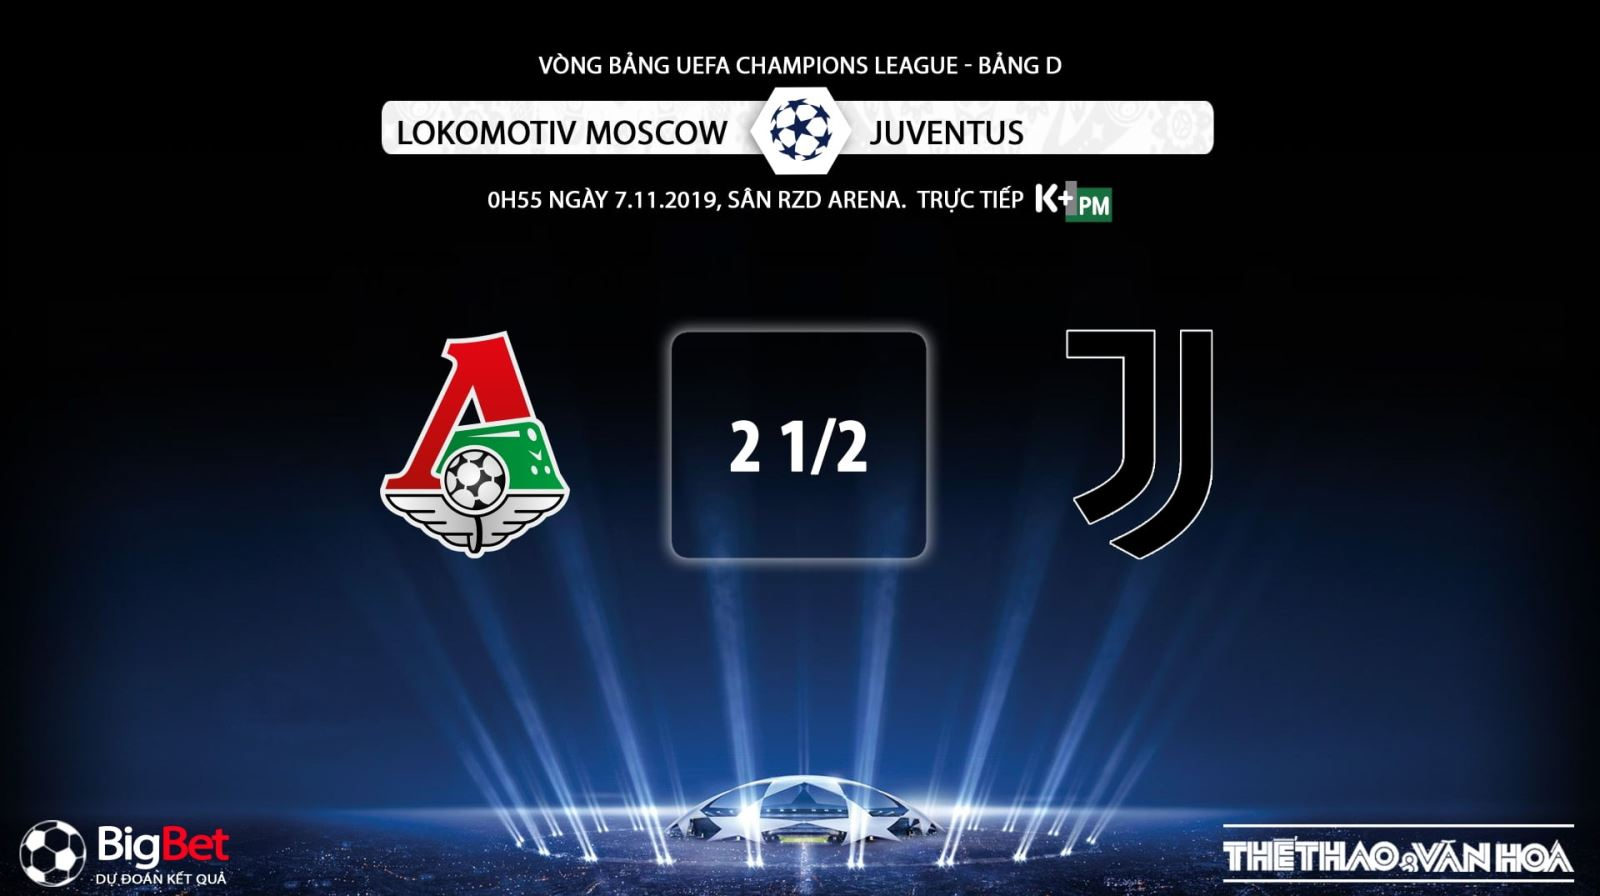 keo bong da, Lokomotiv Moscow vs Juventus, kèo Juventus, truc tiep bong da hom nay, K+, K+PM, trực tiếp bóng đá, Lokomotiv Moscow vs Juventus, xem bong da truc tiep, xem bóng đá trực tuyến